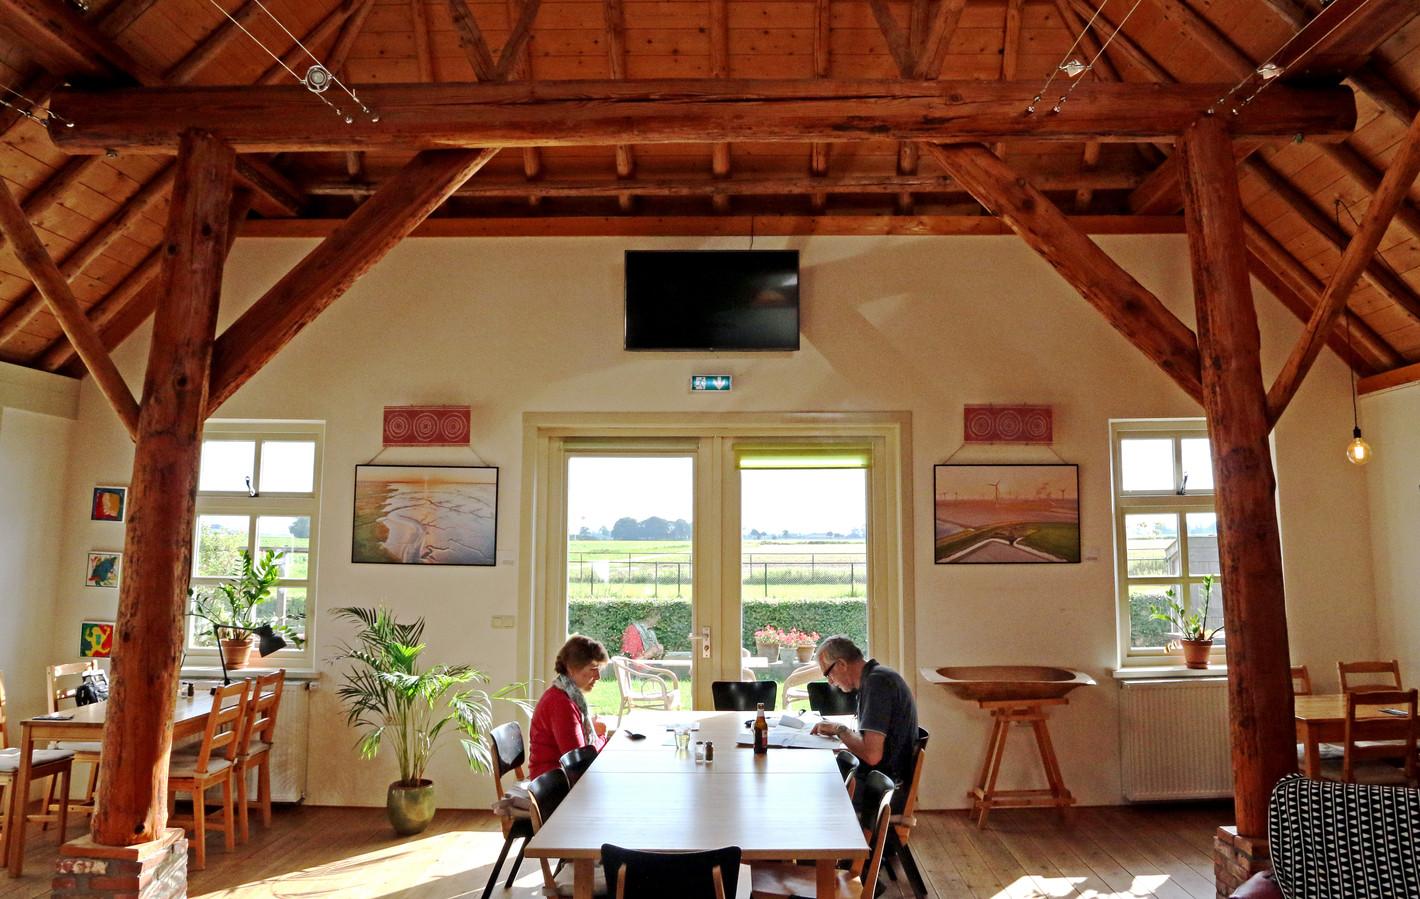 Hans en Jetty Speelman aan tafel in de eetzaal van boerderij De Diek'n in Zeerijp, in Noord-Groningen. Zomer in NL, Loppersum.